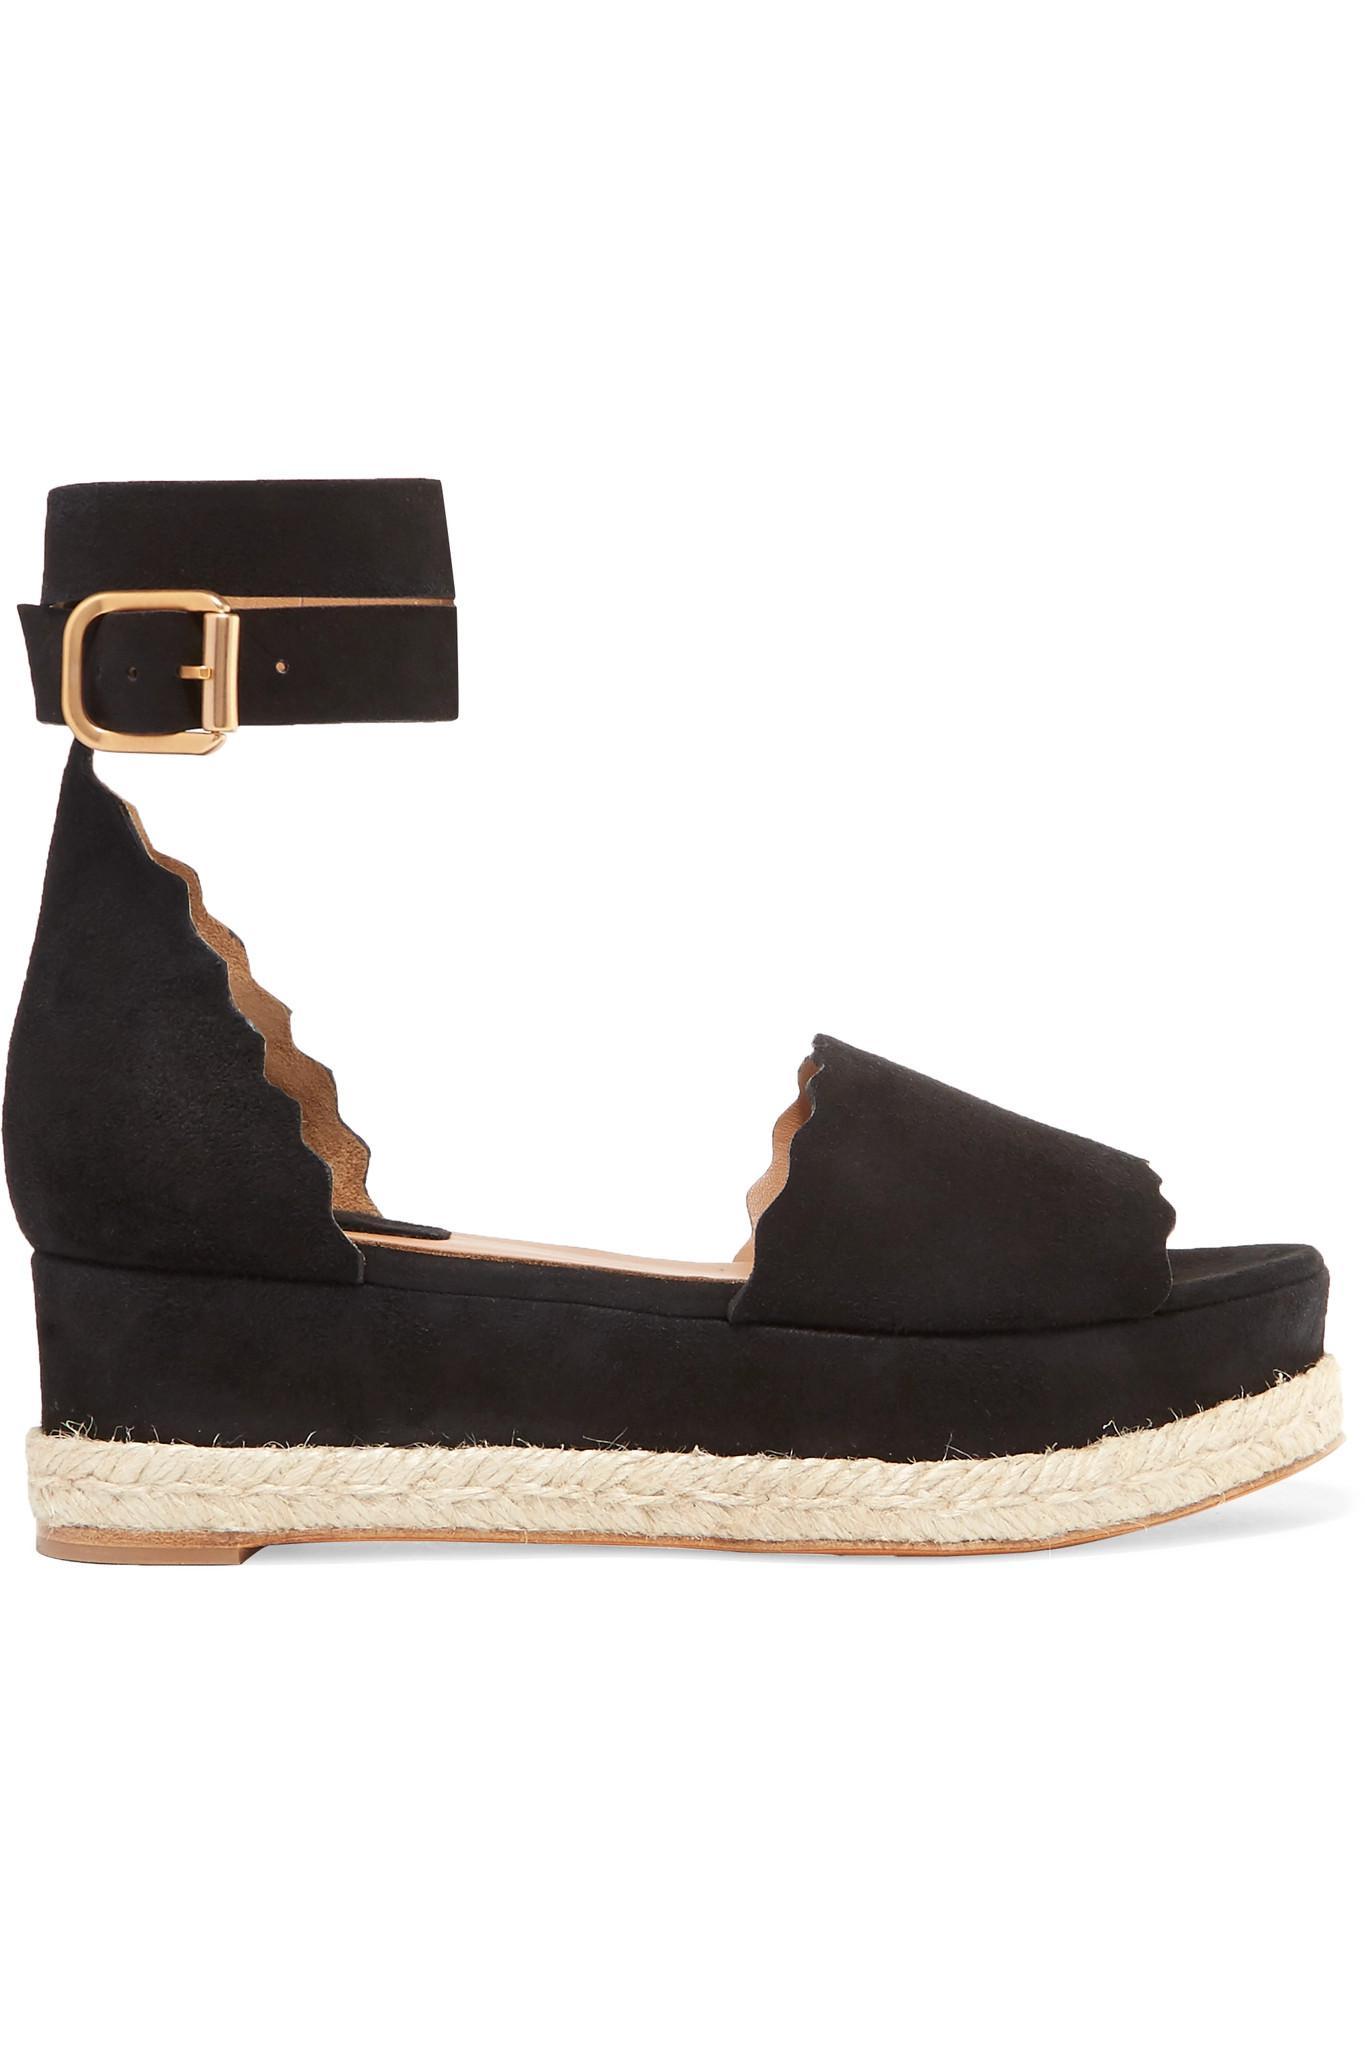 42cc39d9698 Chloé Lauren Scalloped Suede Espadrille Platform Sandals in Black - Lyst